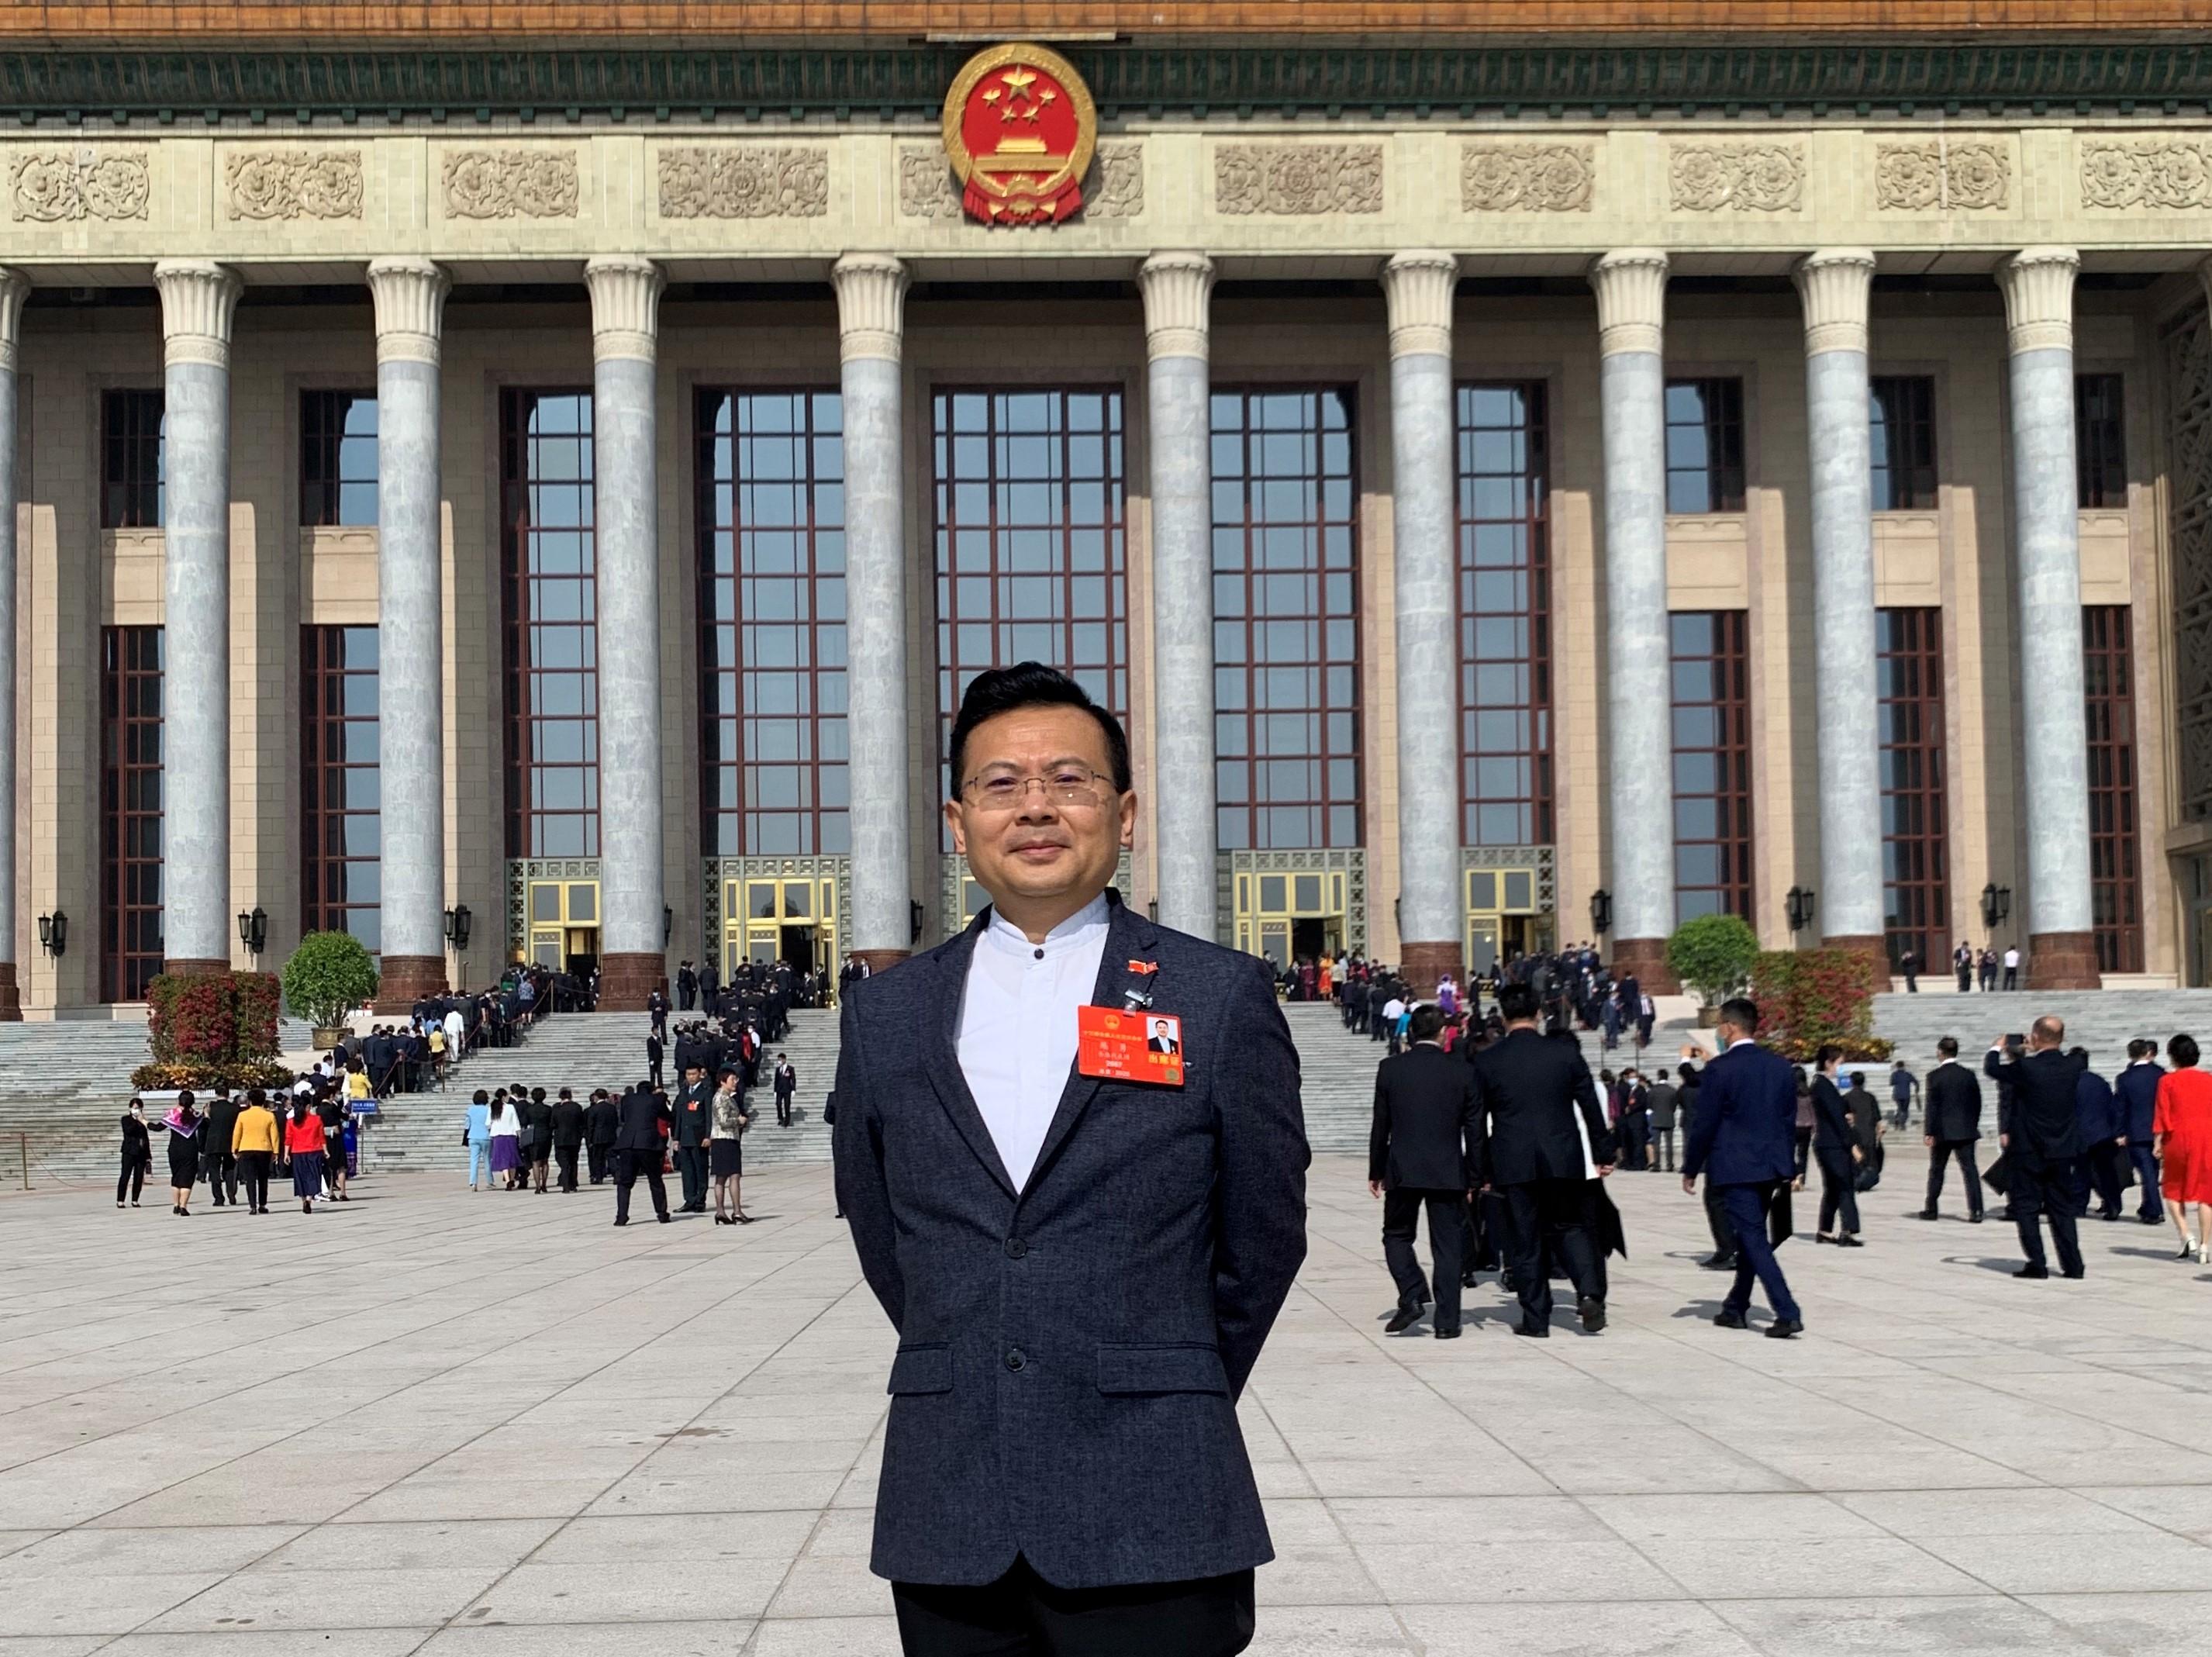 陳勇表示,在香港遇到困難時,祖國是最大的靠山(受訪者提供)